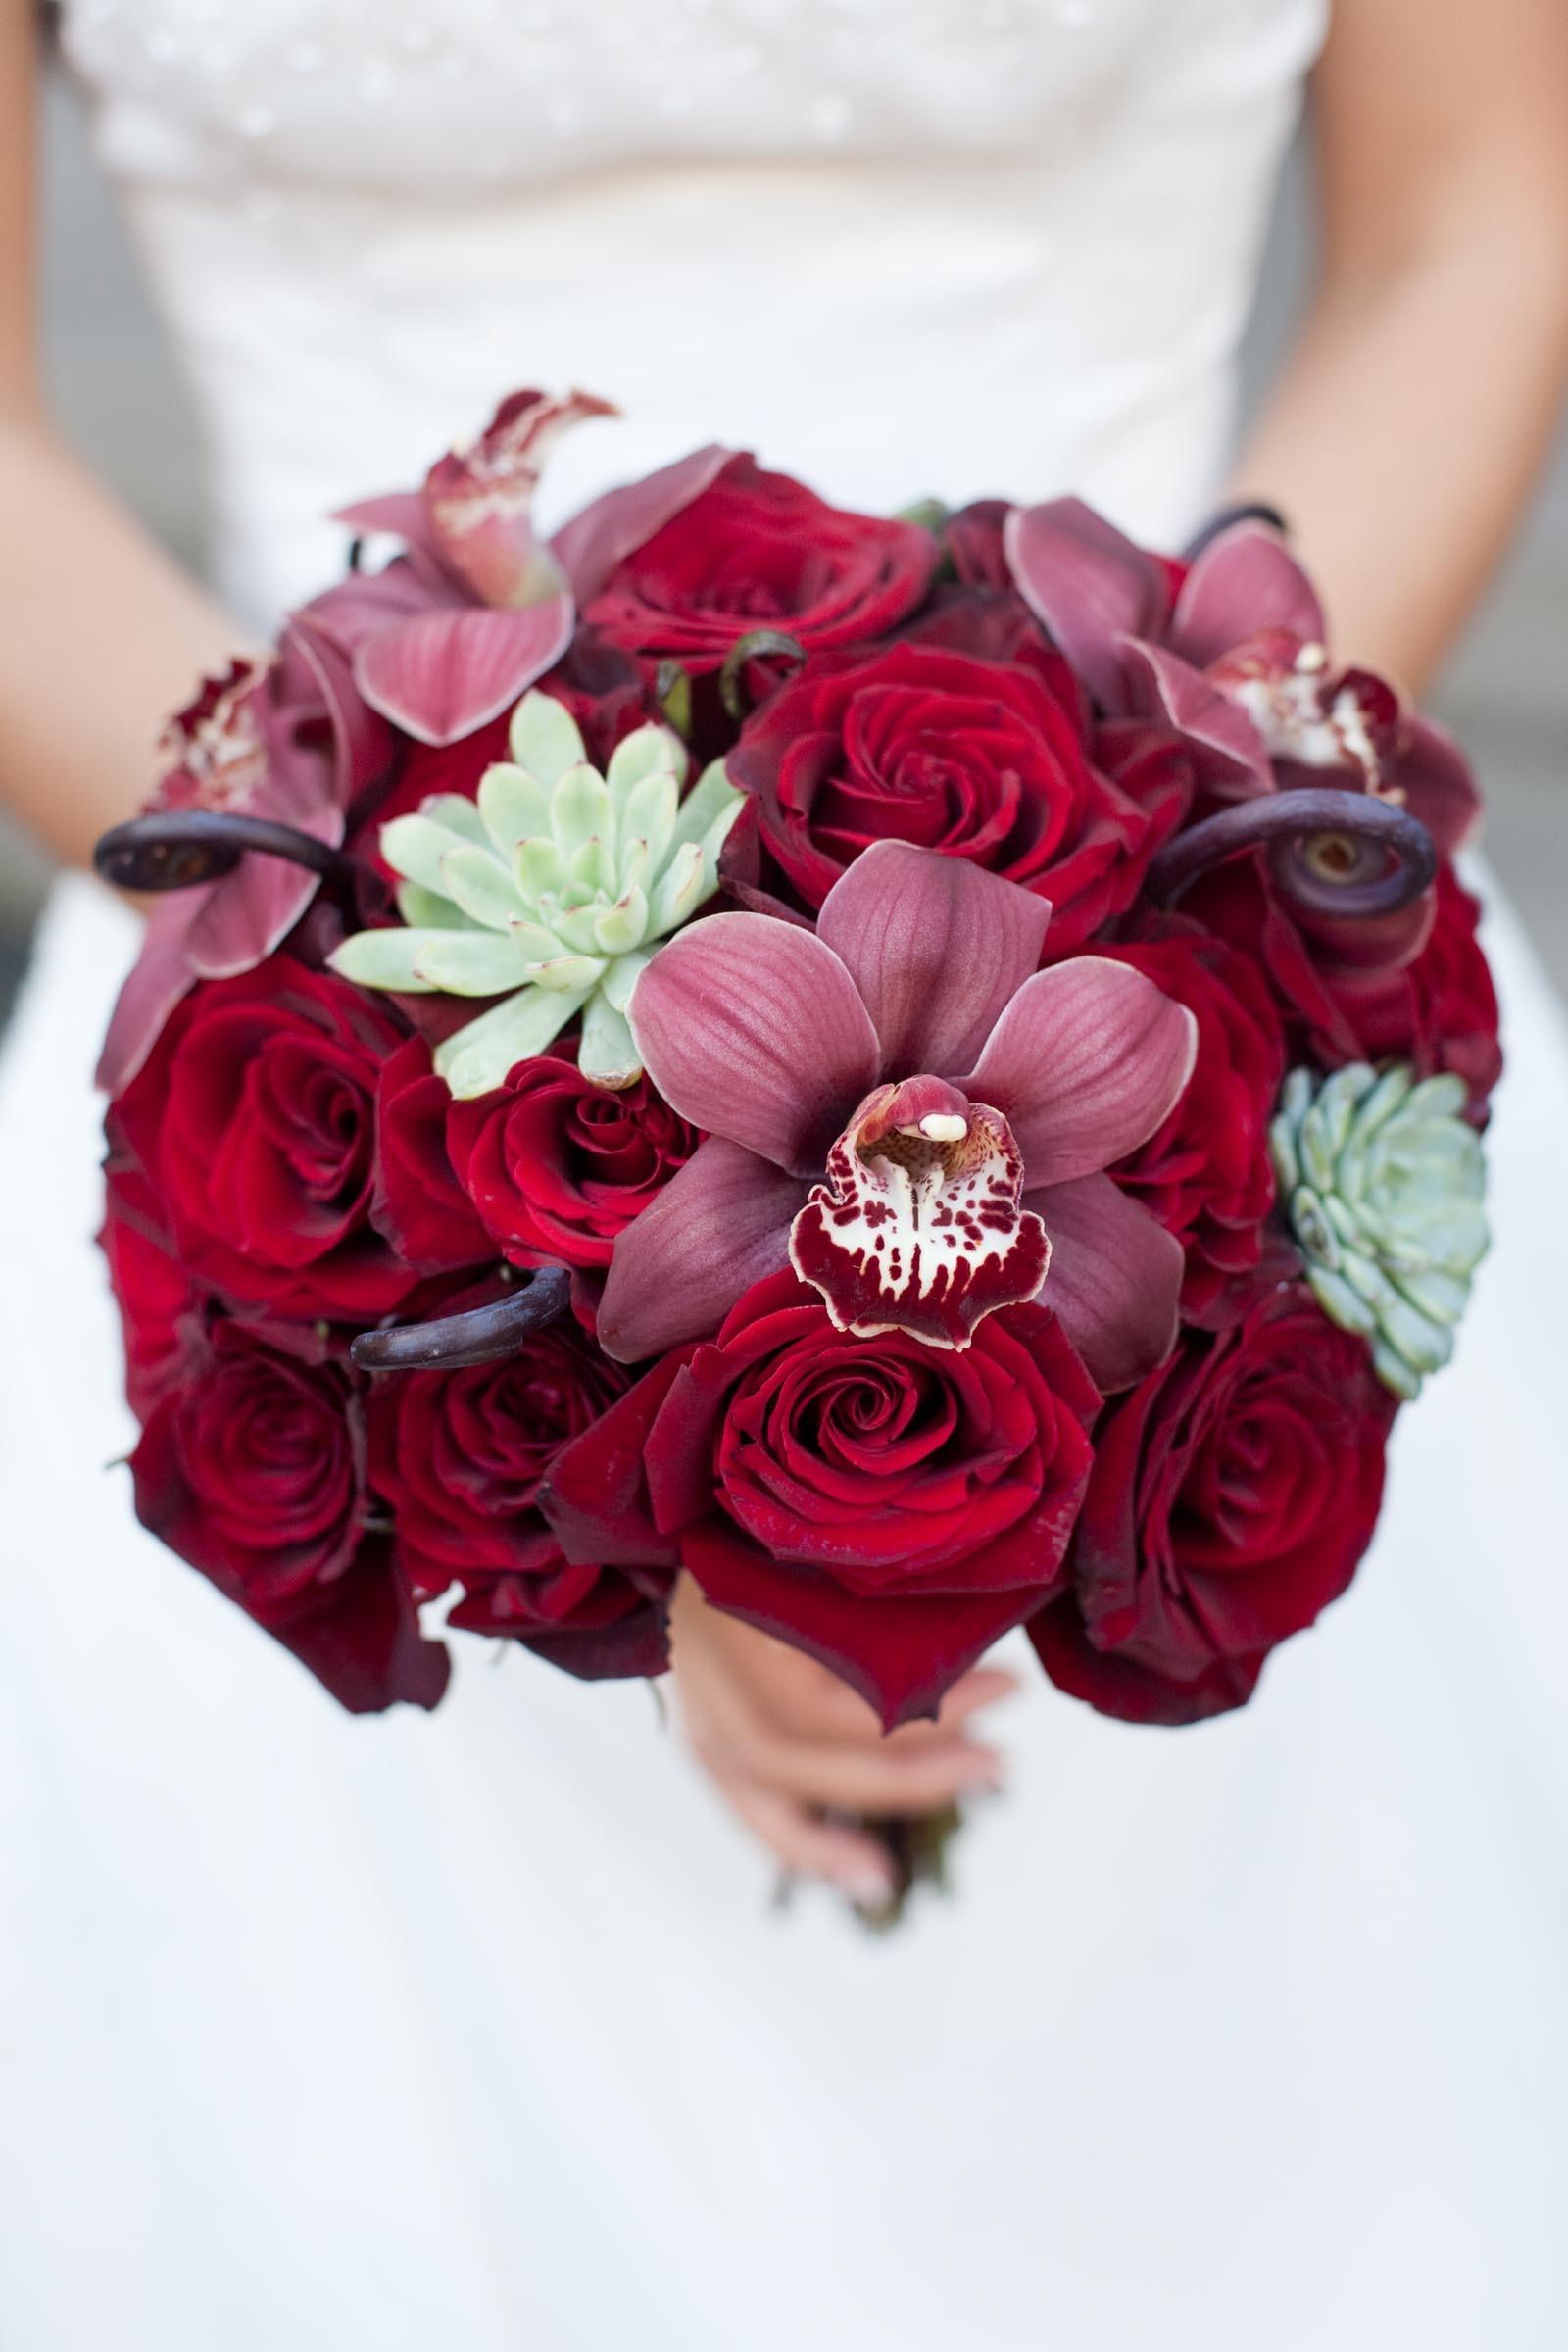 Brautkugel aus Rosen und Orchideen